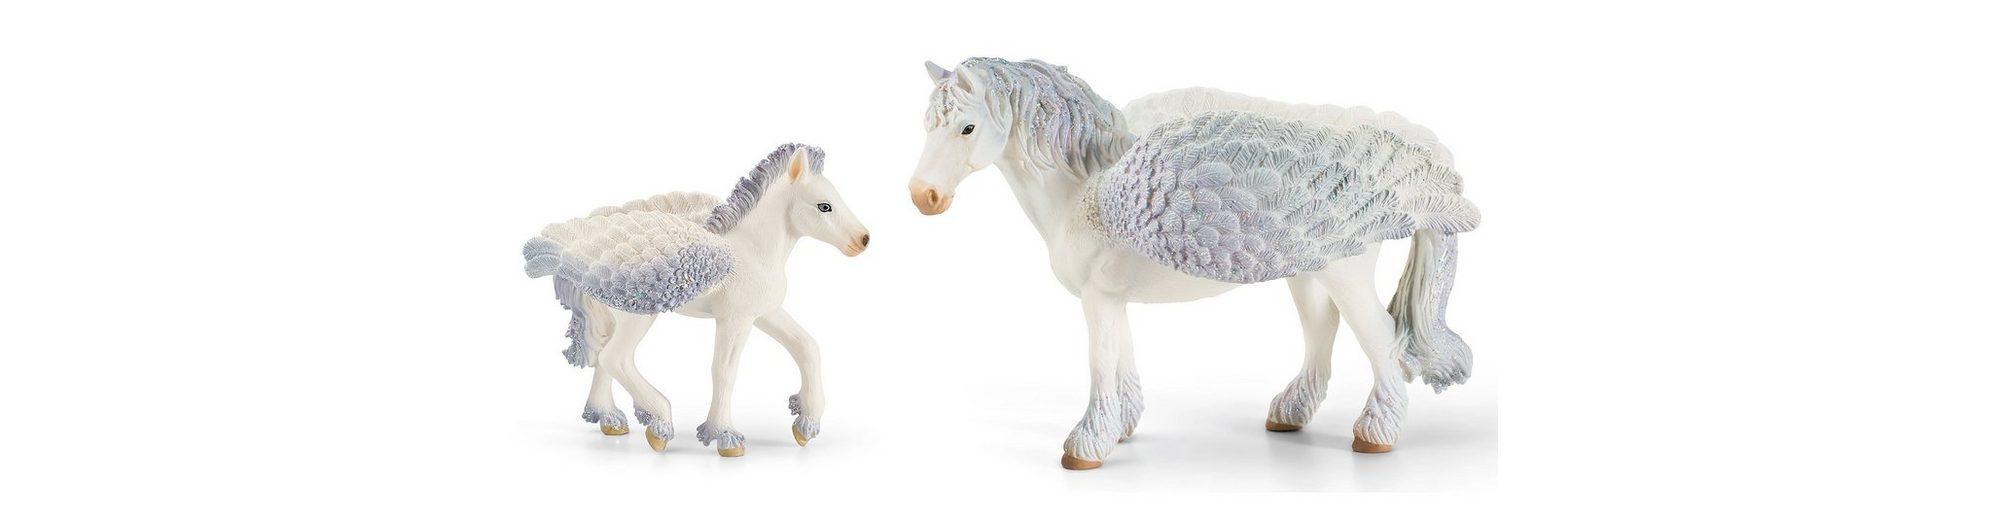 Schleich® Spielfiguren-Set, »World of Fantasy bayala - Pegasus« (2tlg.)